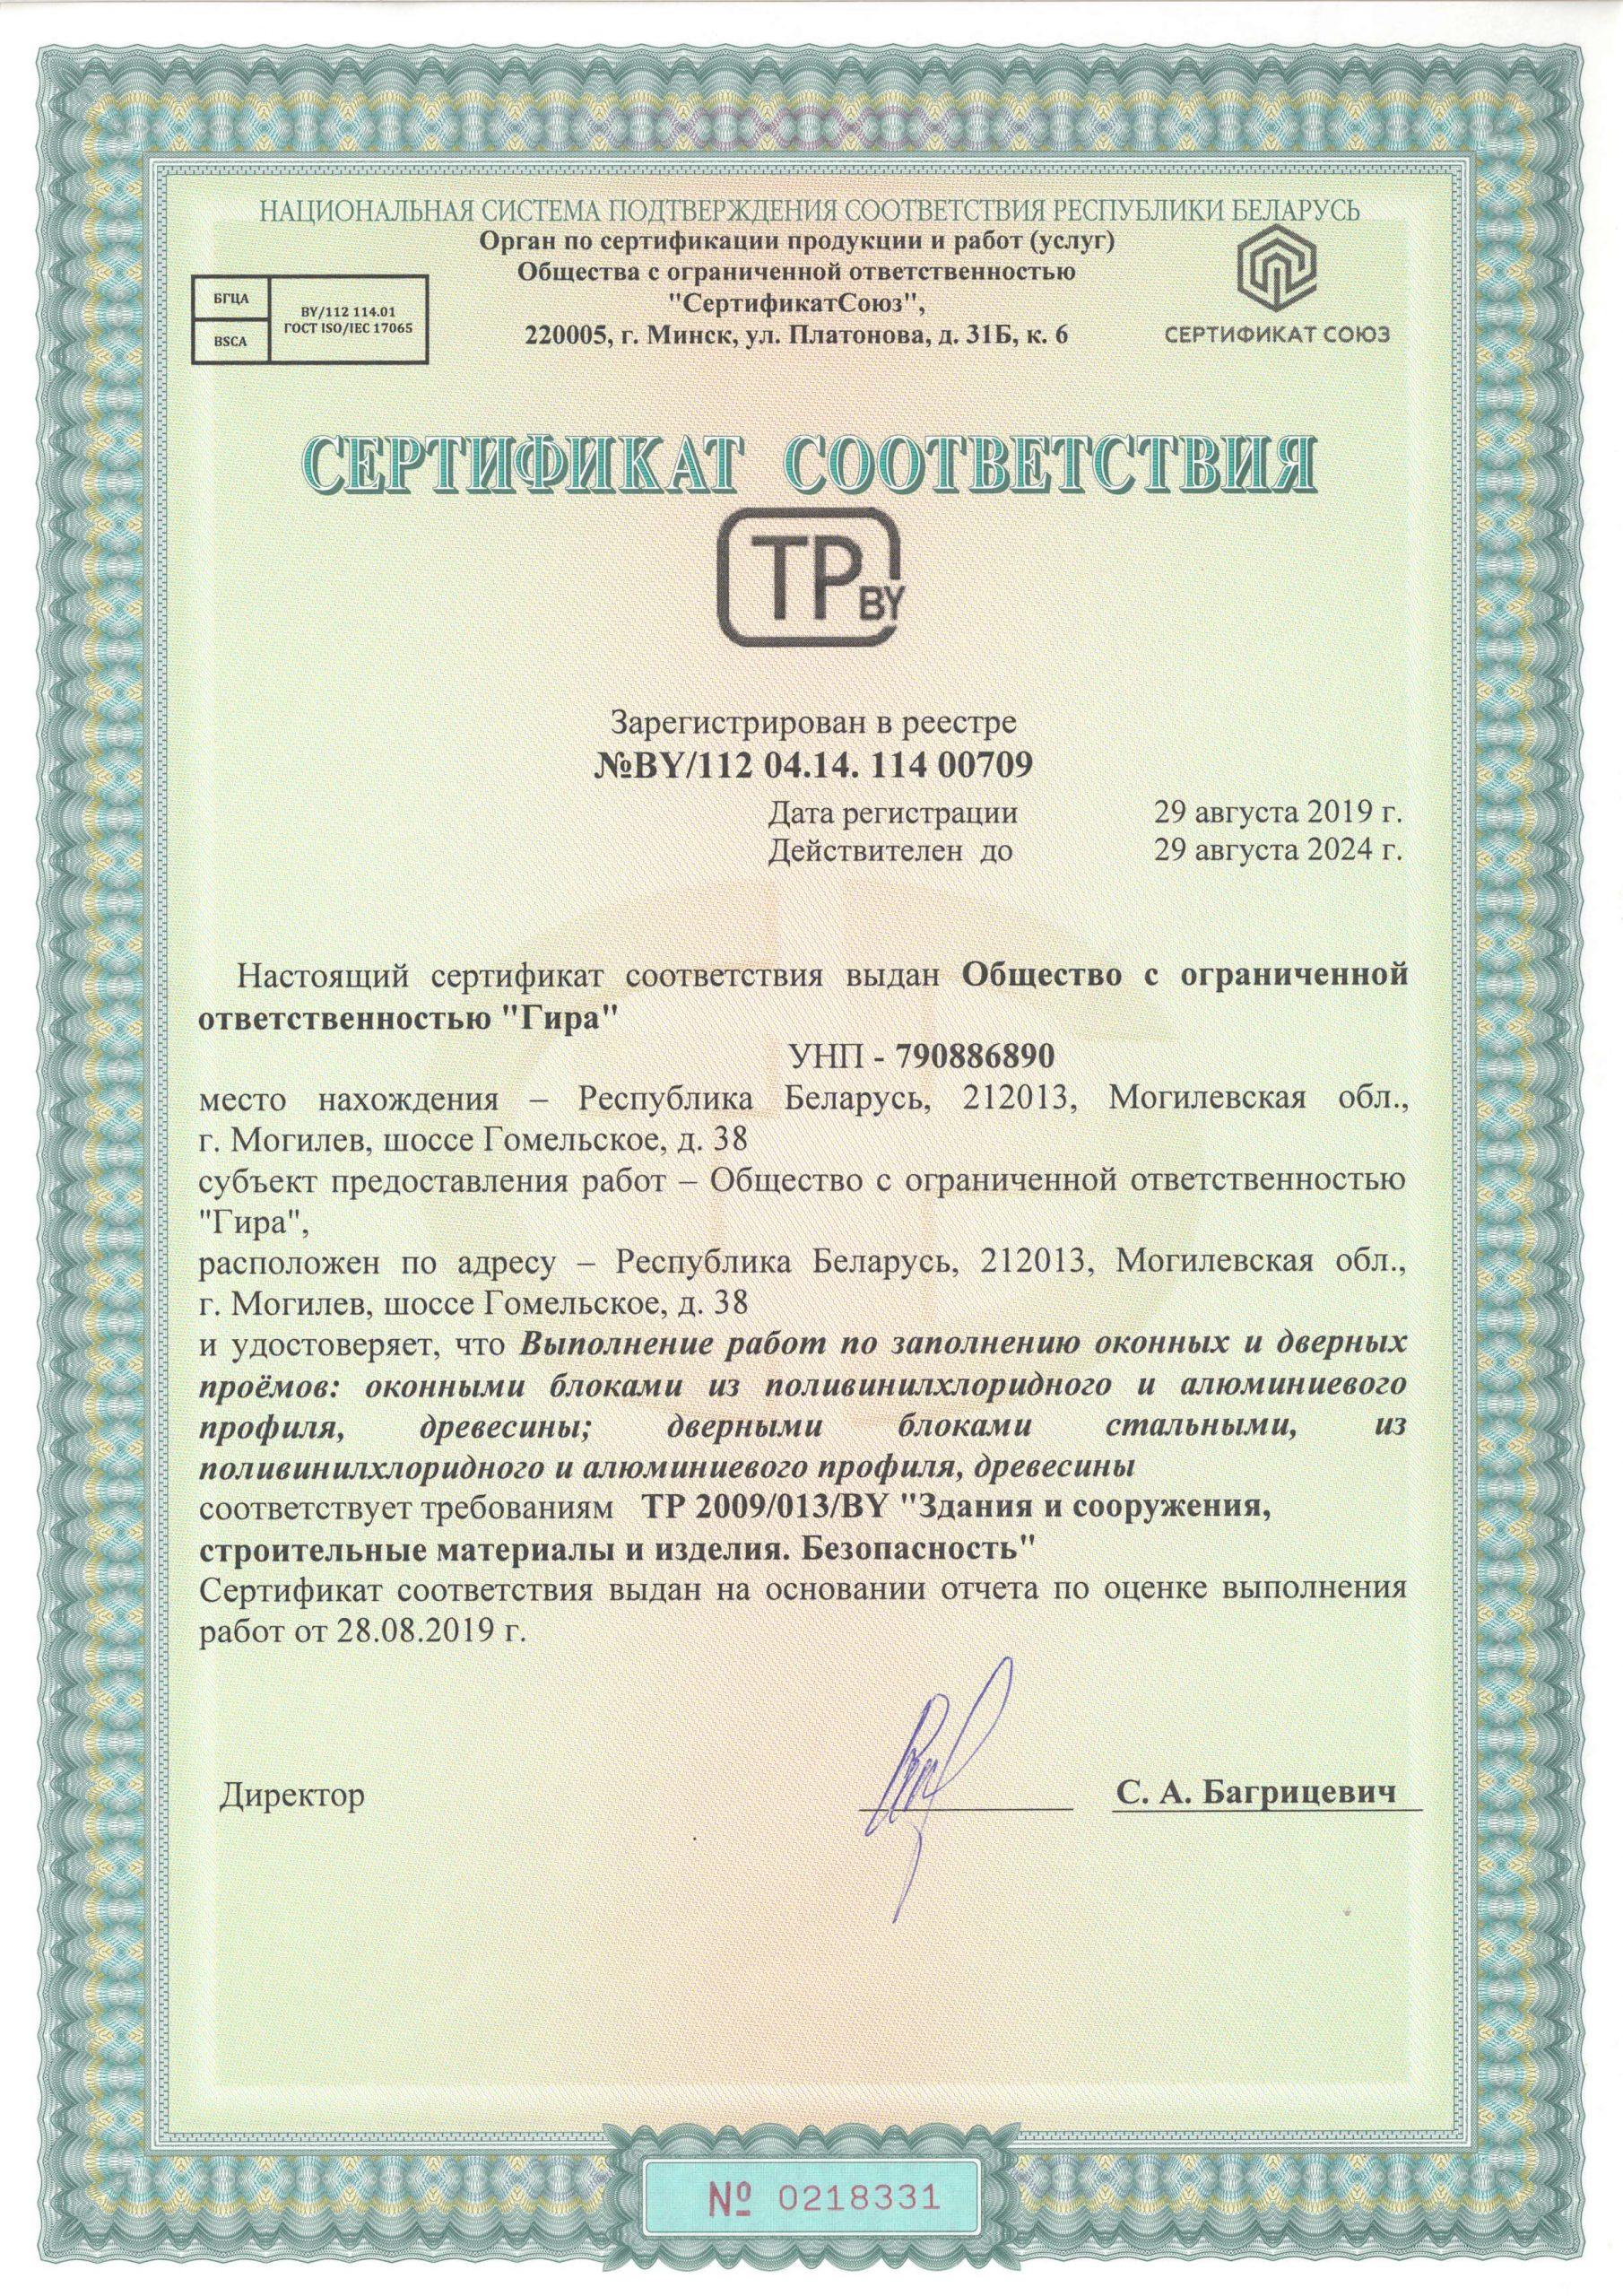 Сертификат соответствия 0218331